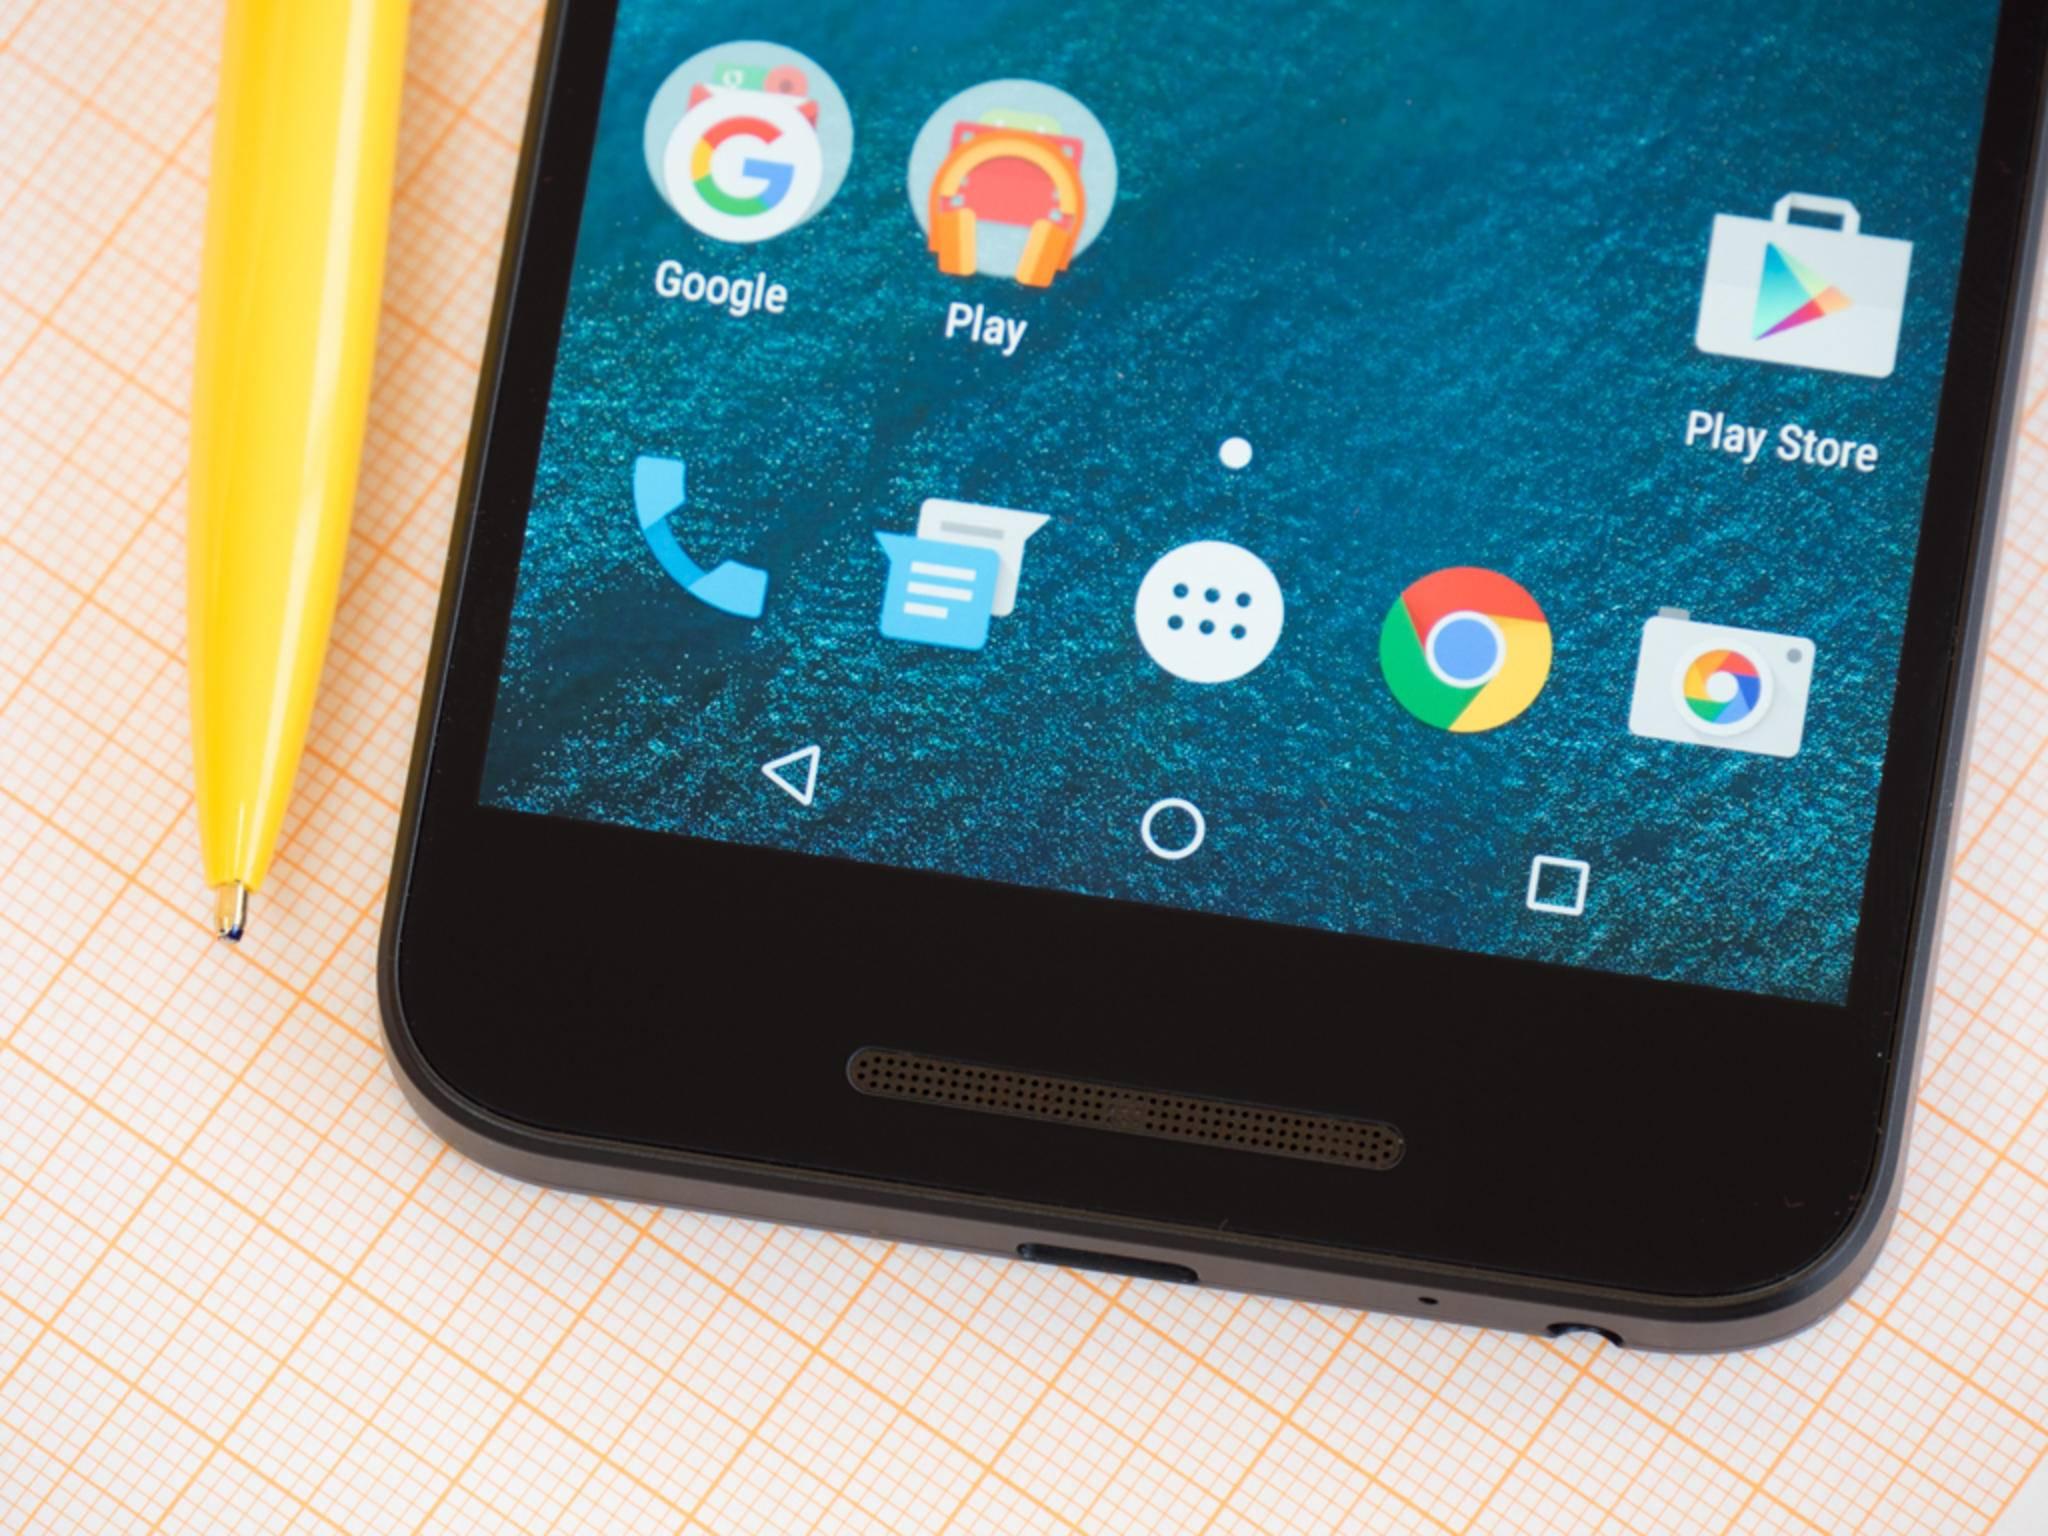 Auf dem Smartphone läuft Android 6.0 Marshmallow.